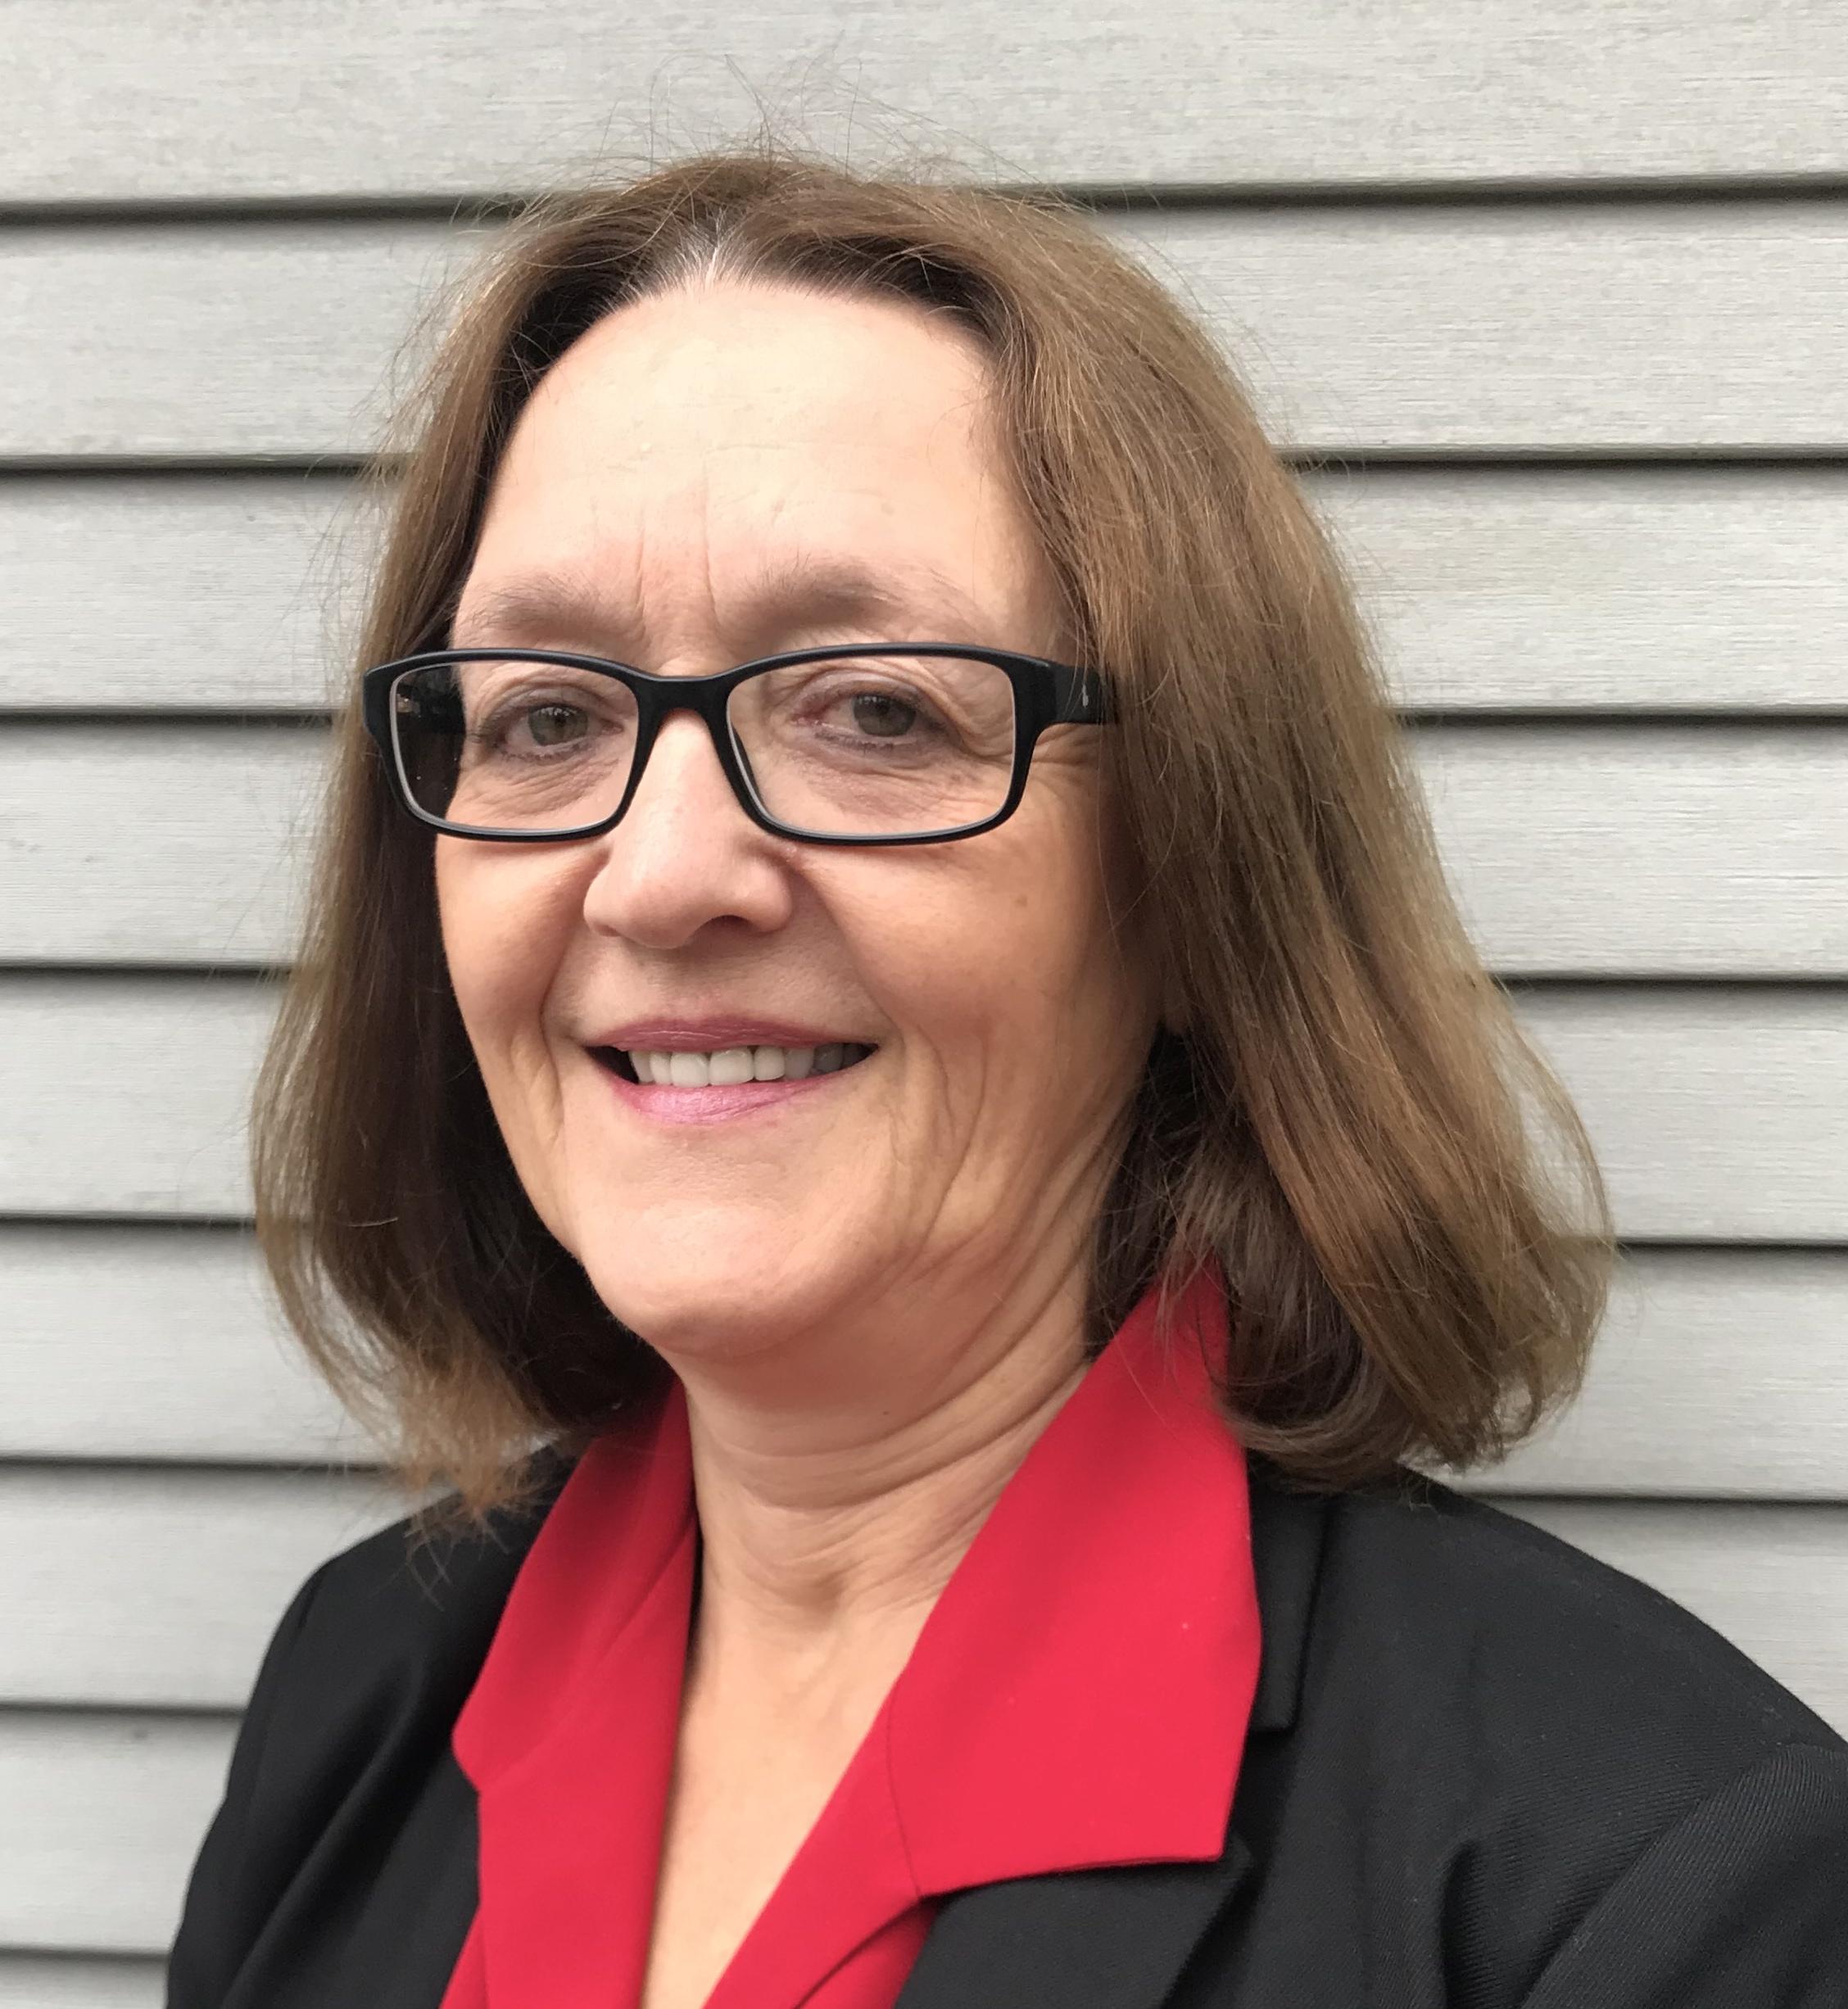 Nancy Pynch-Worthylake